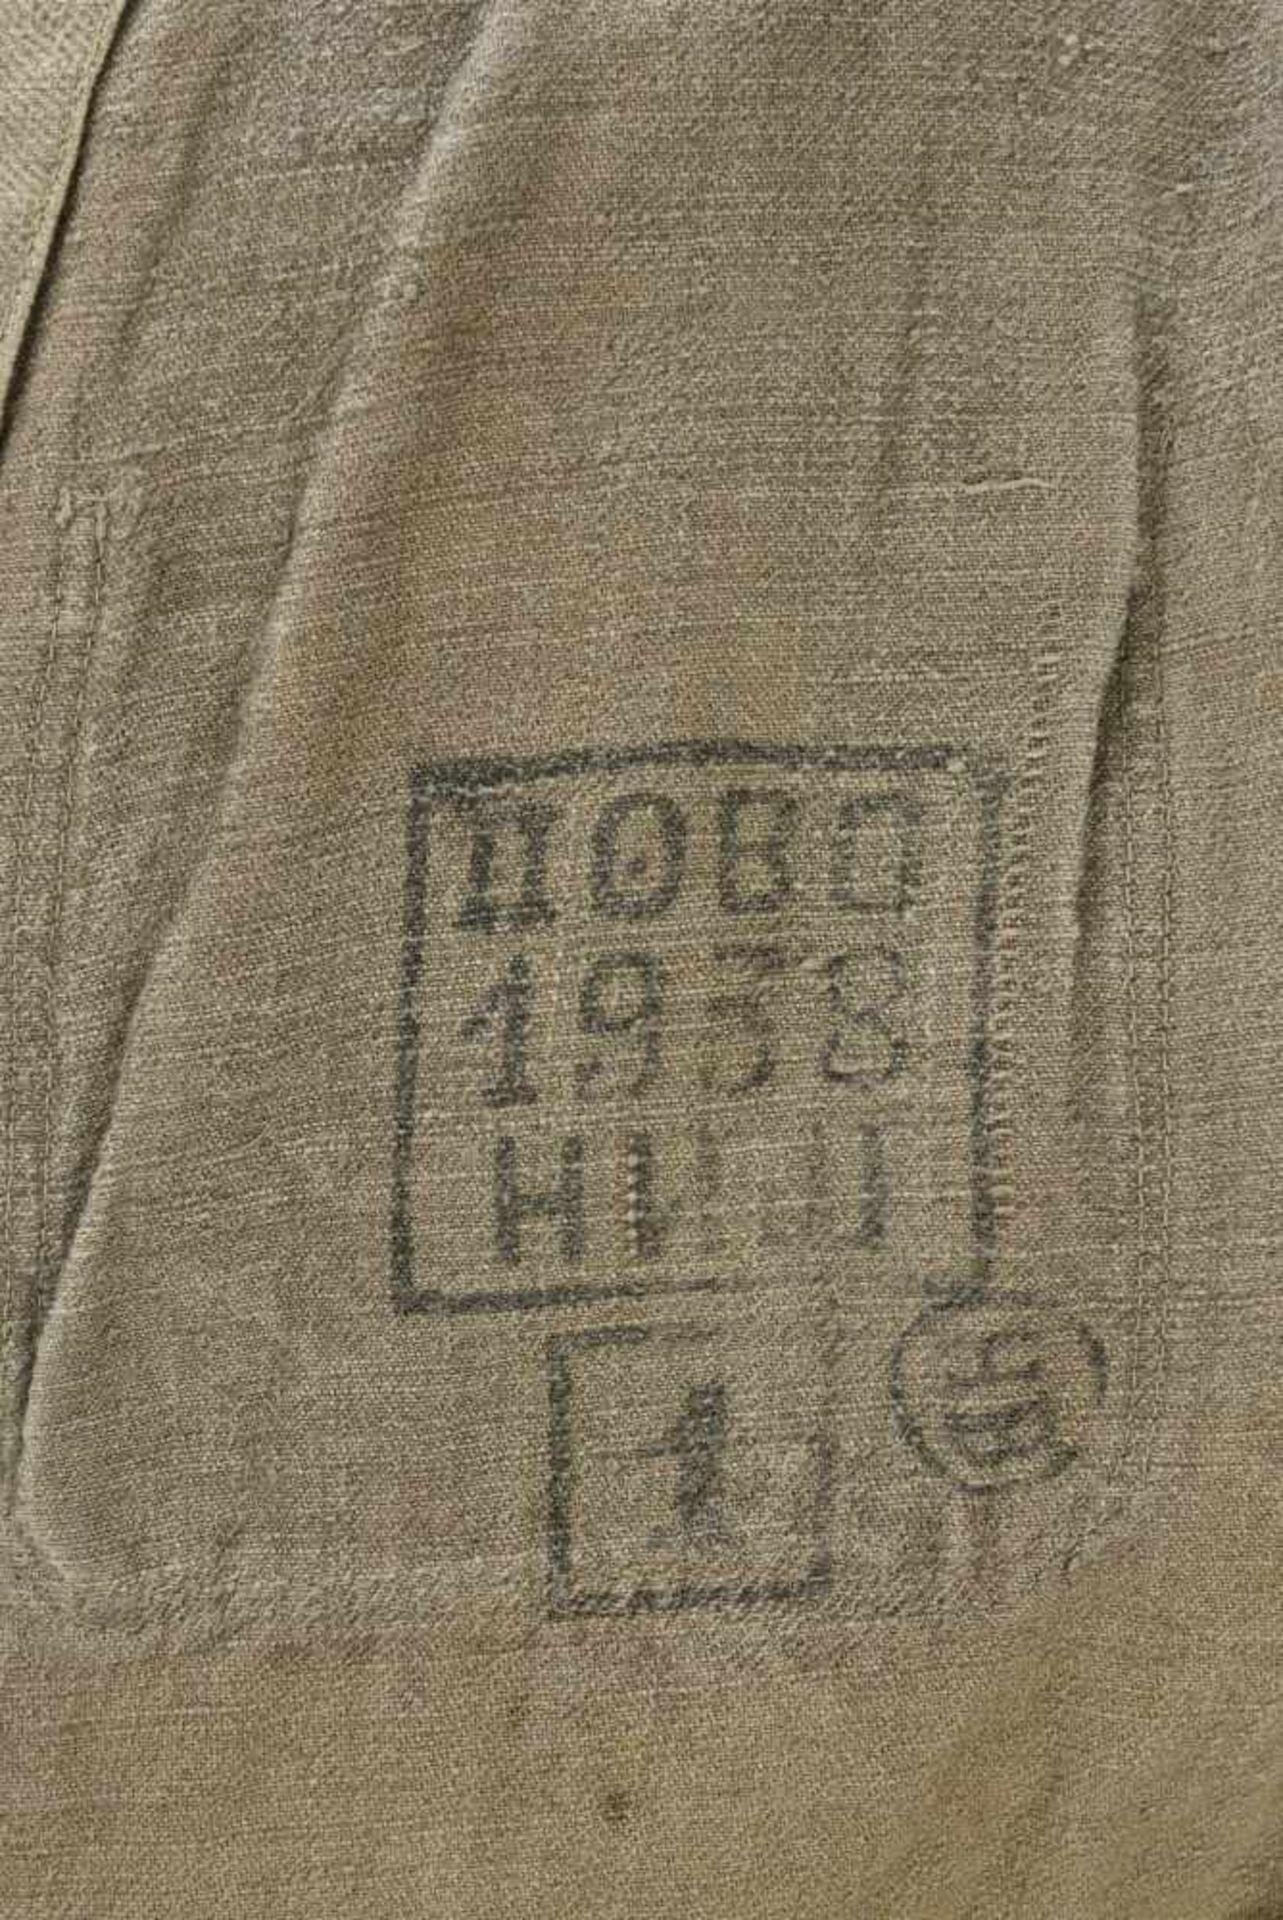 Veste de corvée en grosse toile. Datée 1938. Work jacket, in canvas. Dated 1938. Cette pièce - Bild 2 aus 4